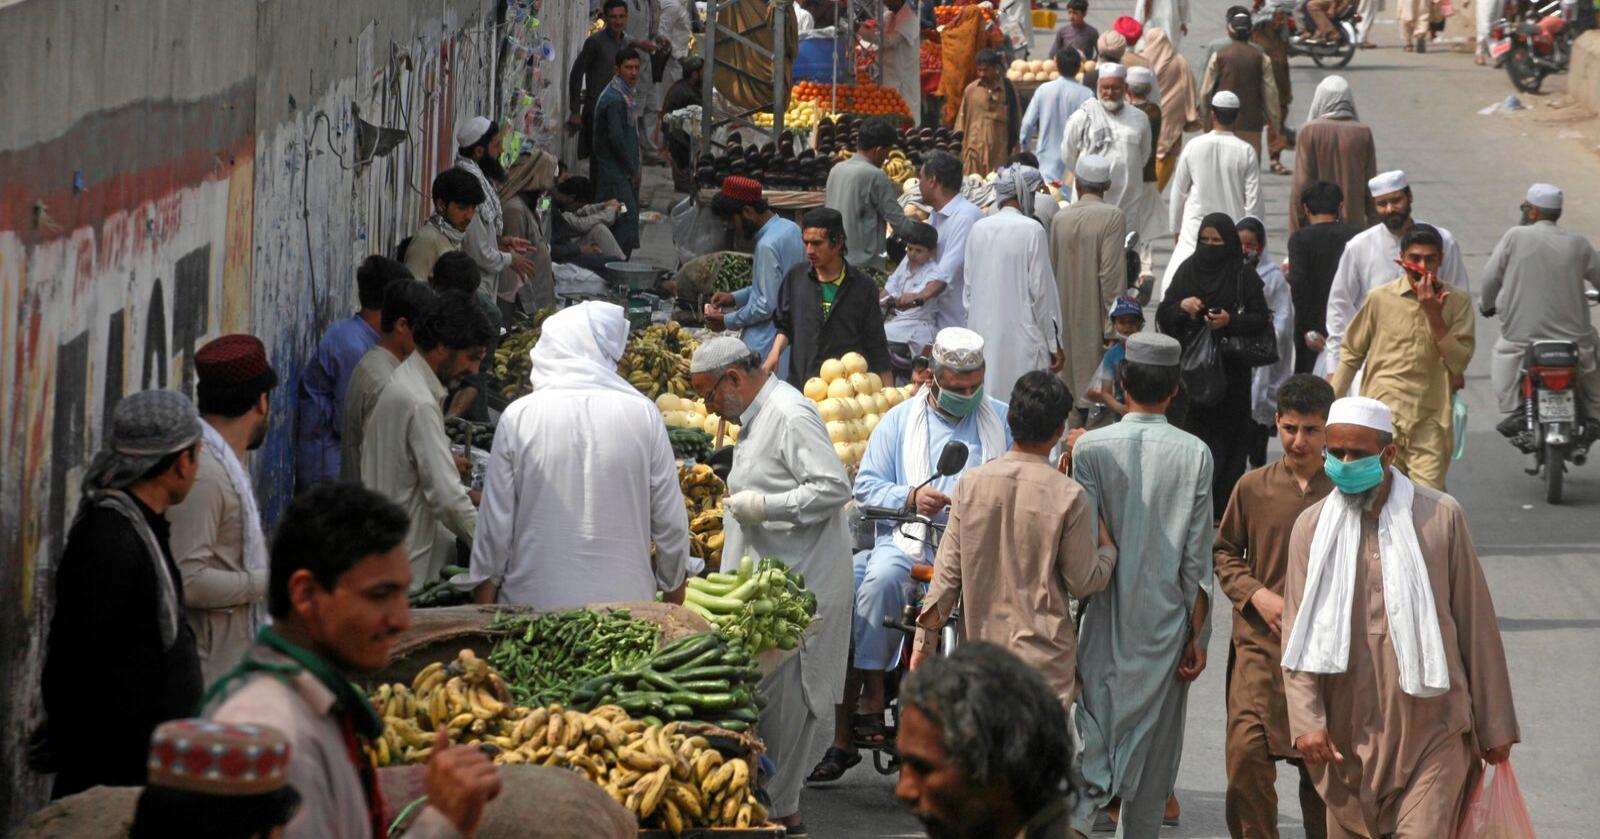 De umiddelbare konsekvensene av koronaviruset er tydeligst på markedene. Stopp i flyten av varer fører til tap av inntekter for alle som livnærer seg langs forsyningskjeden fra jord til bord, skriver kronikkforfatterne. Bildet er fra et matmarked i Peshawar i Pakistan denne uka. Foto: Muhammad Sajjad / AP / NTB scanpix